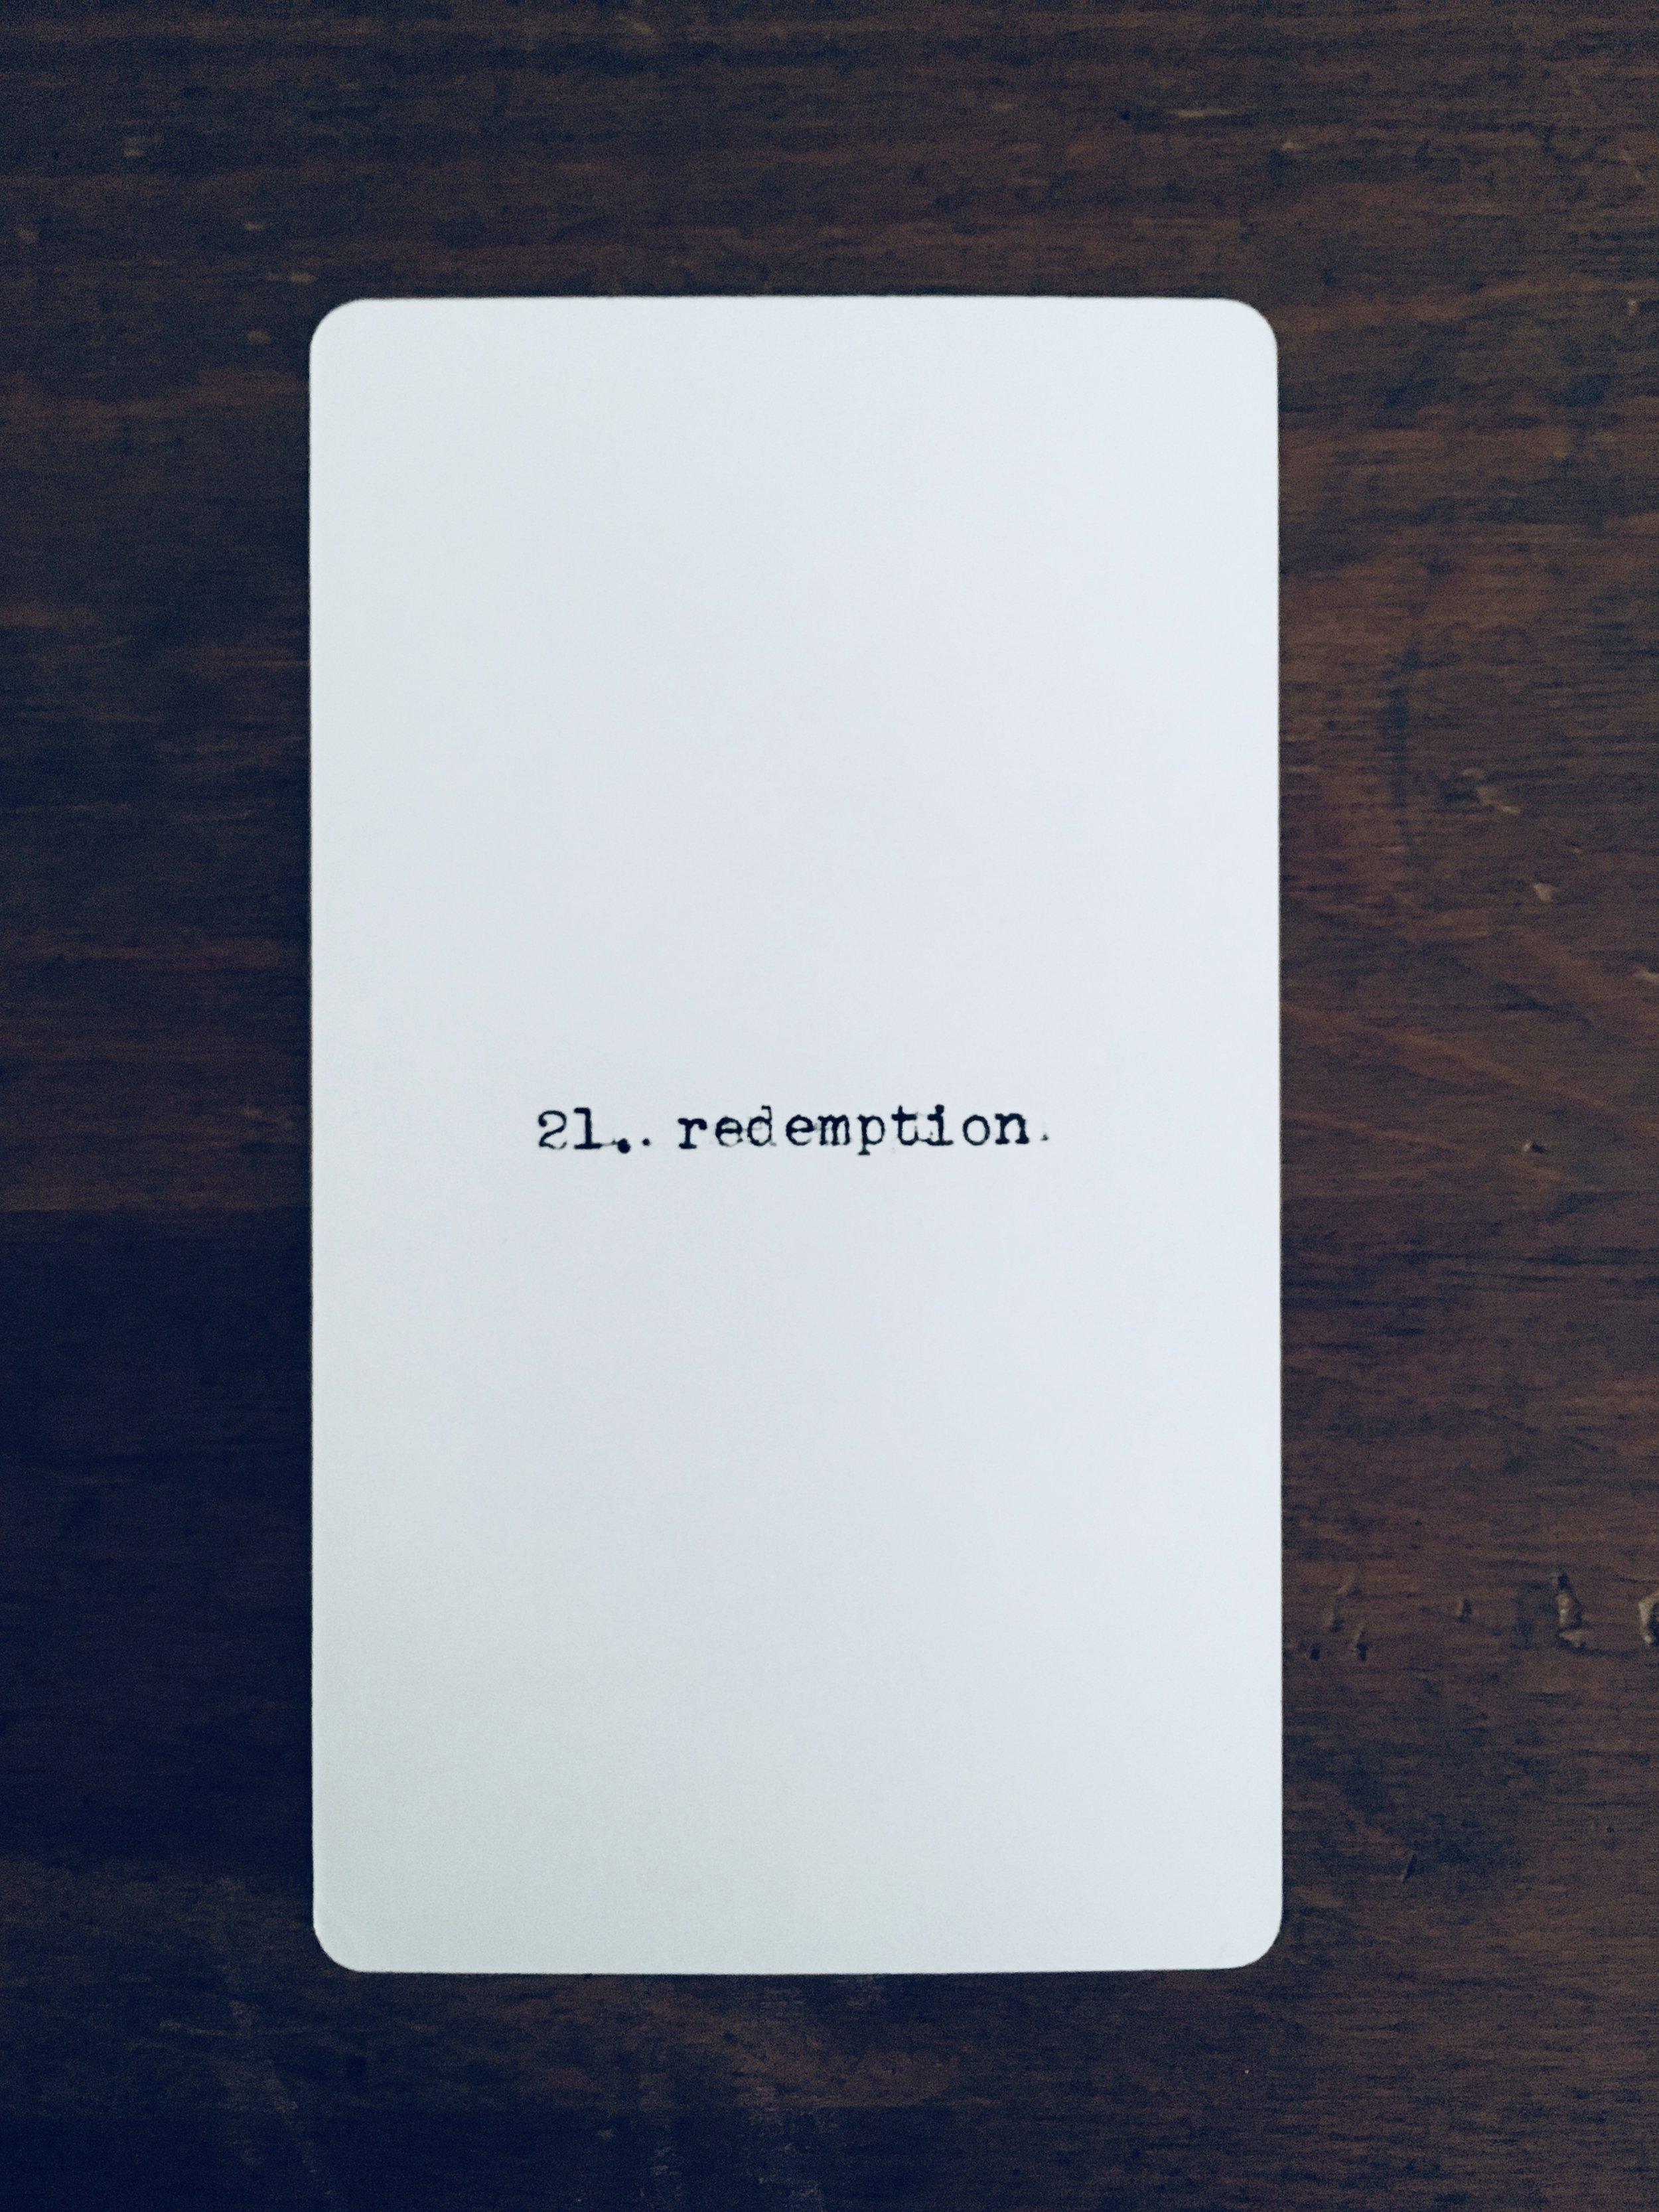 Virgo: 21. redemption